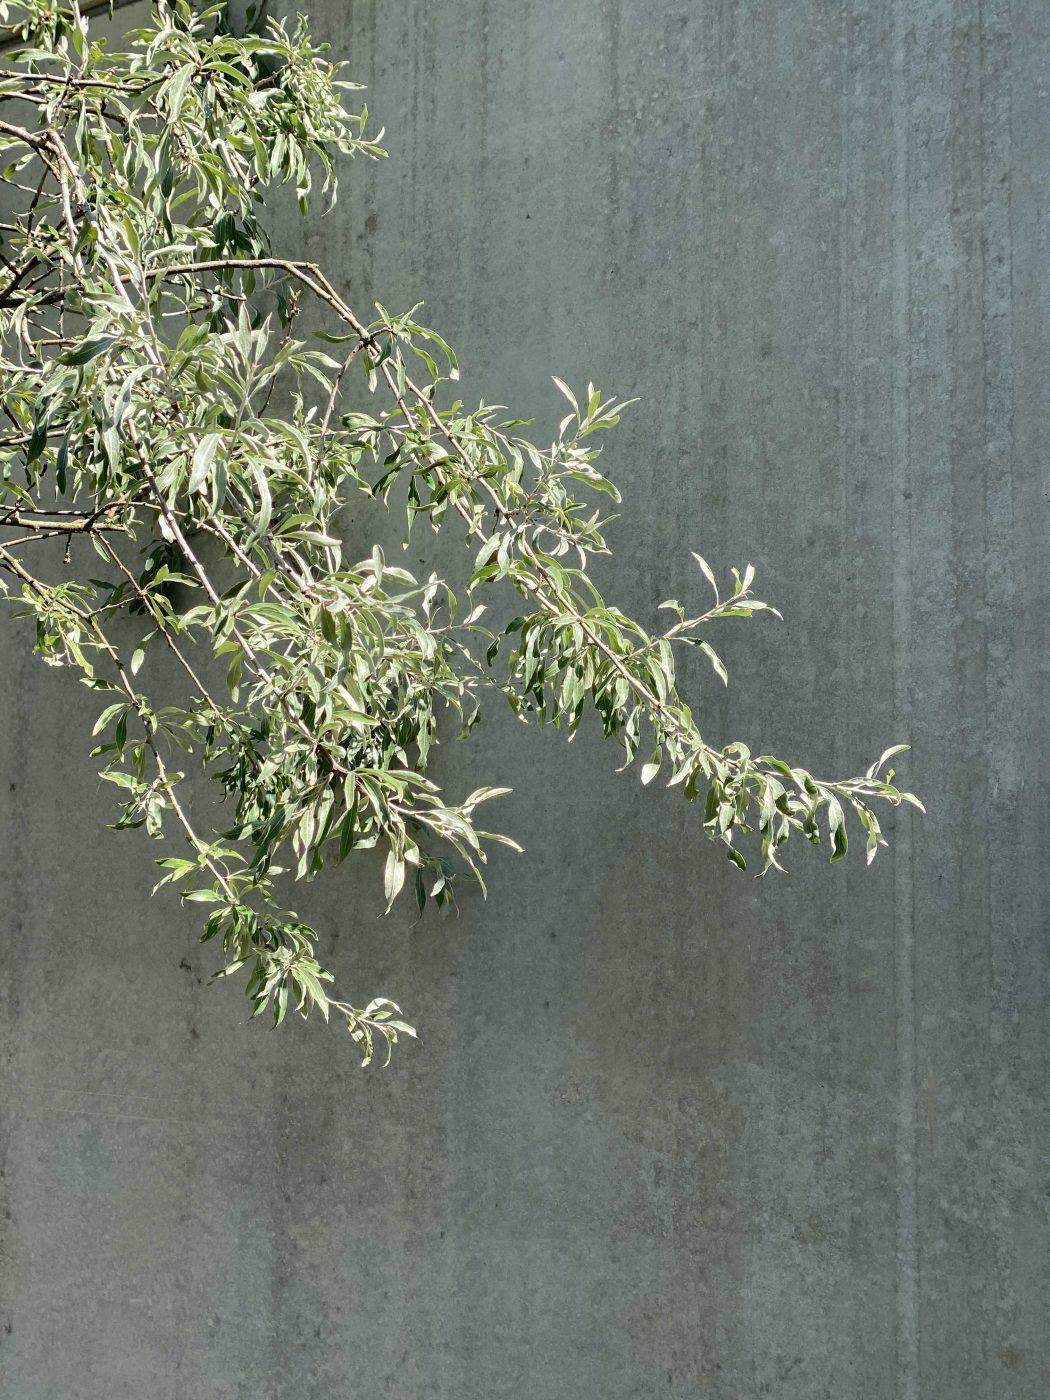 Weidenblättrige Birne, Pyrus salicifolia, mit silbergrauem Laub vor einer Mauer aus Sichtbeton